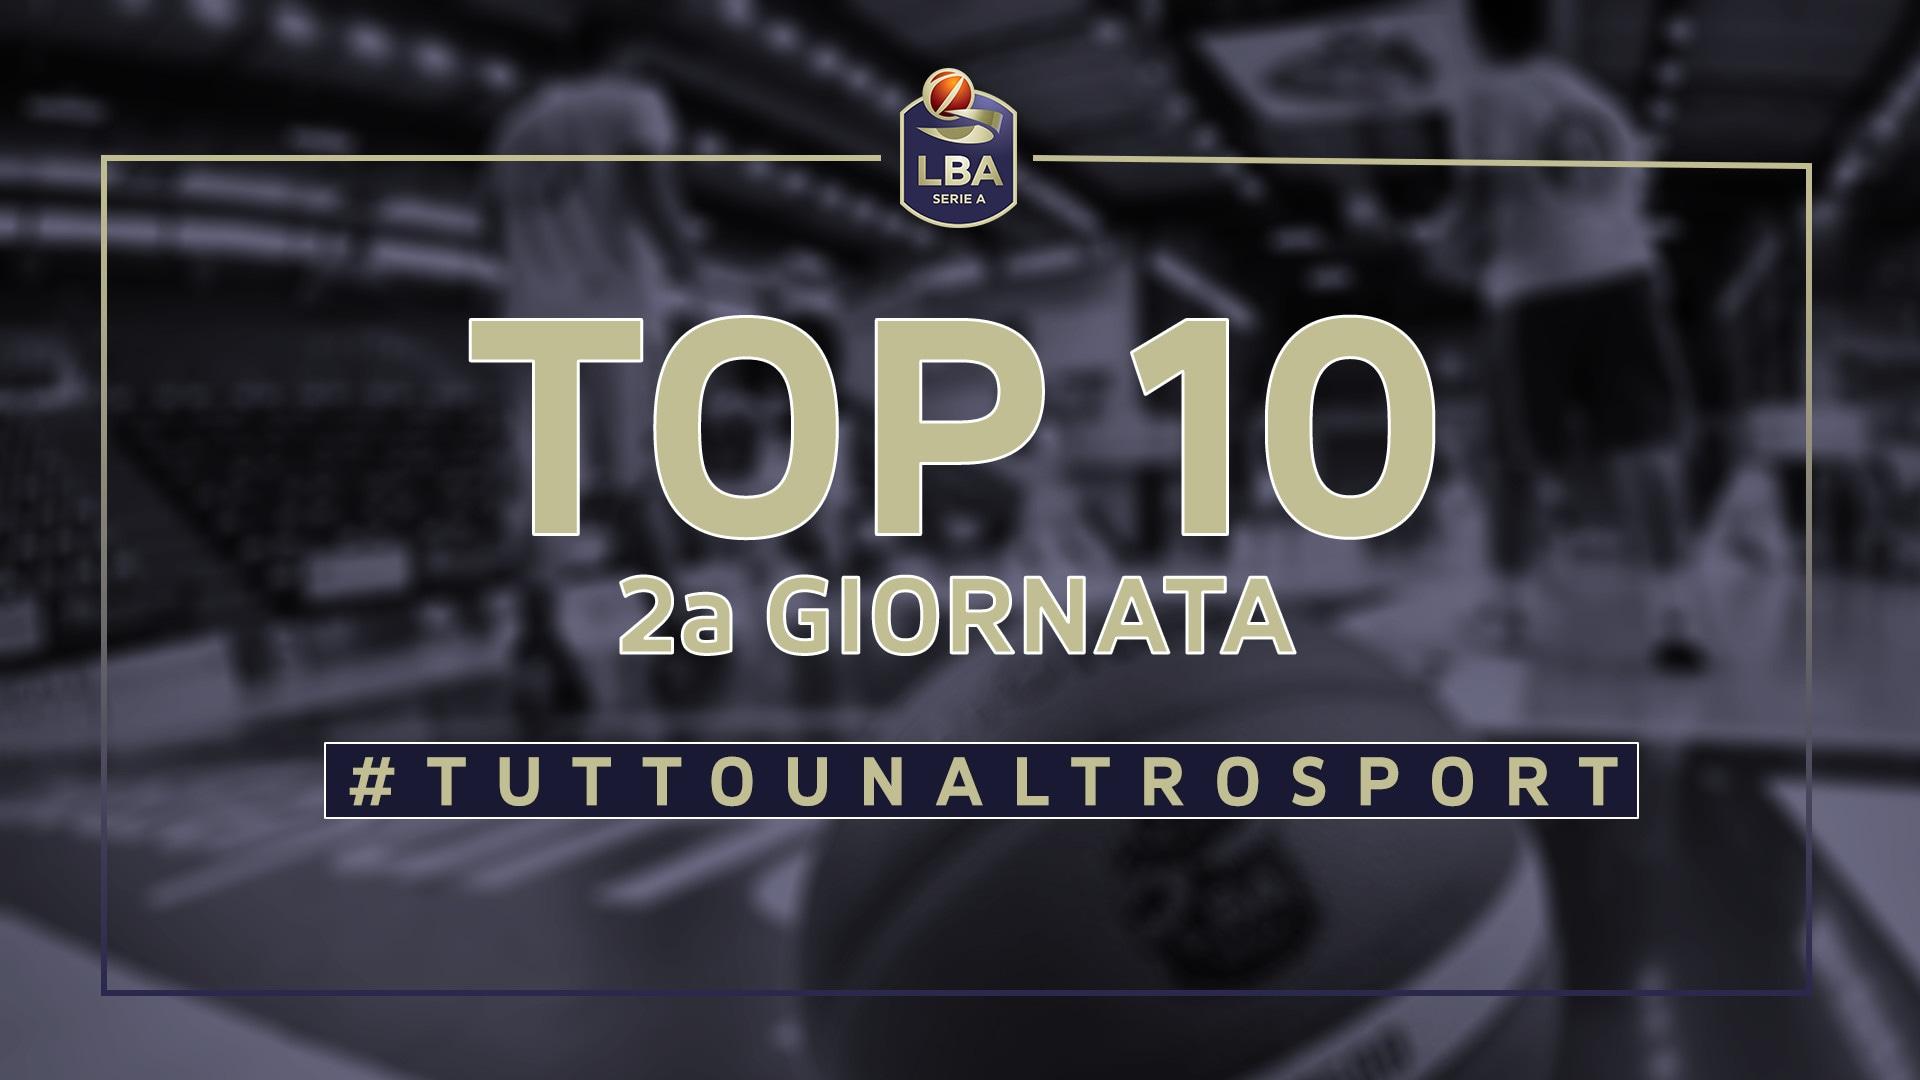 La Top 10 della 2a giornata del campionato LBA di basket